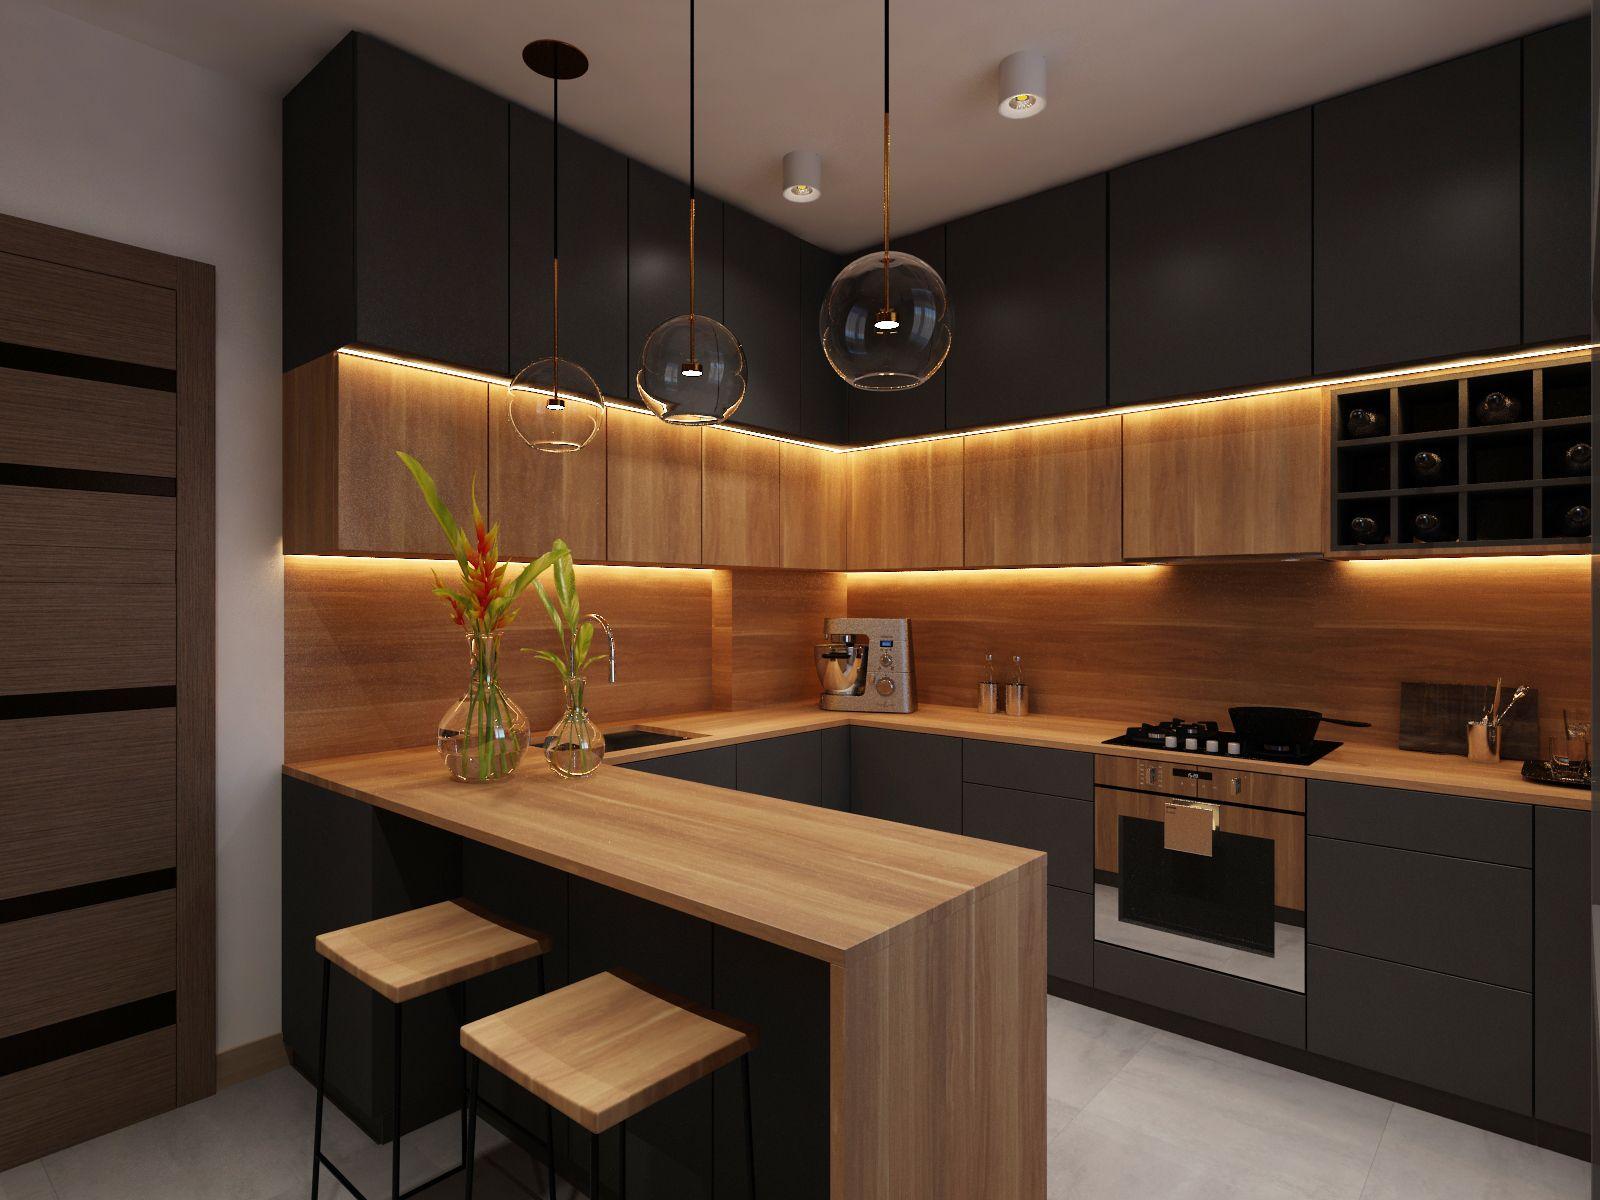 Homebook kuchnie – czyli jak zaprojektować kuchnię?